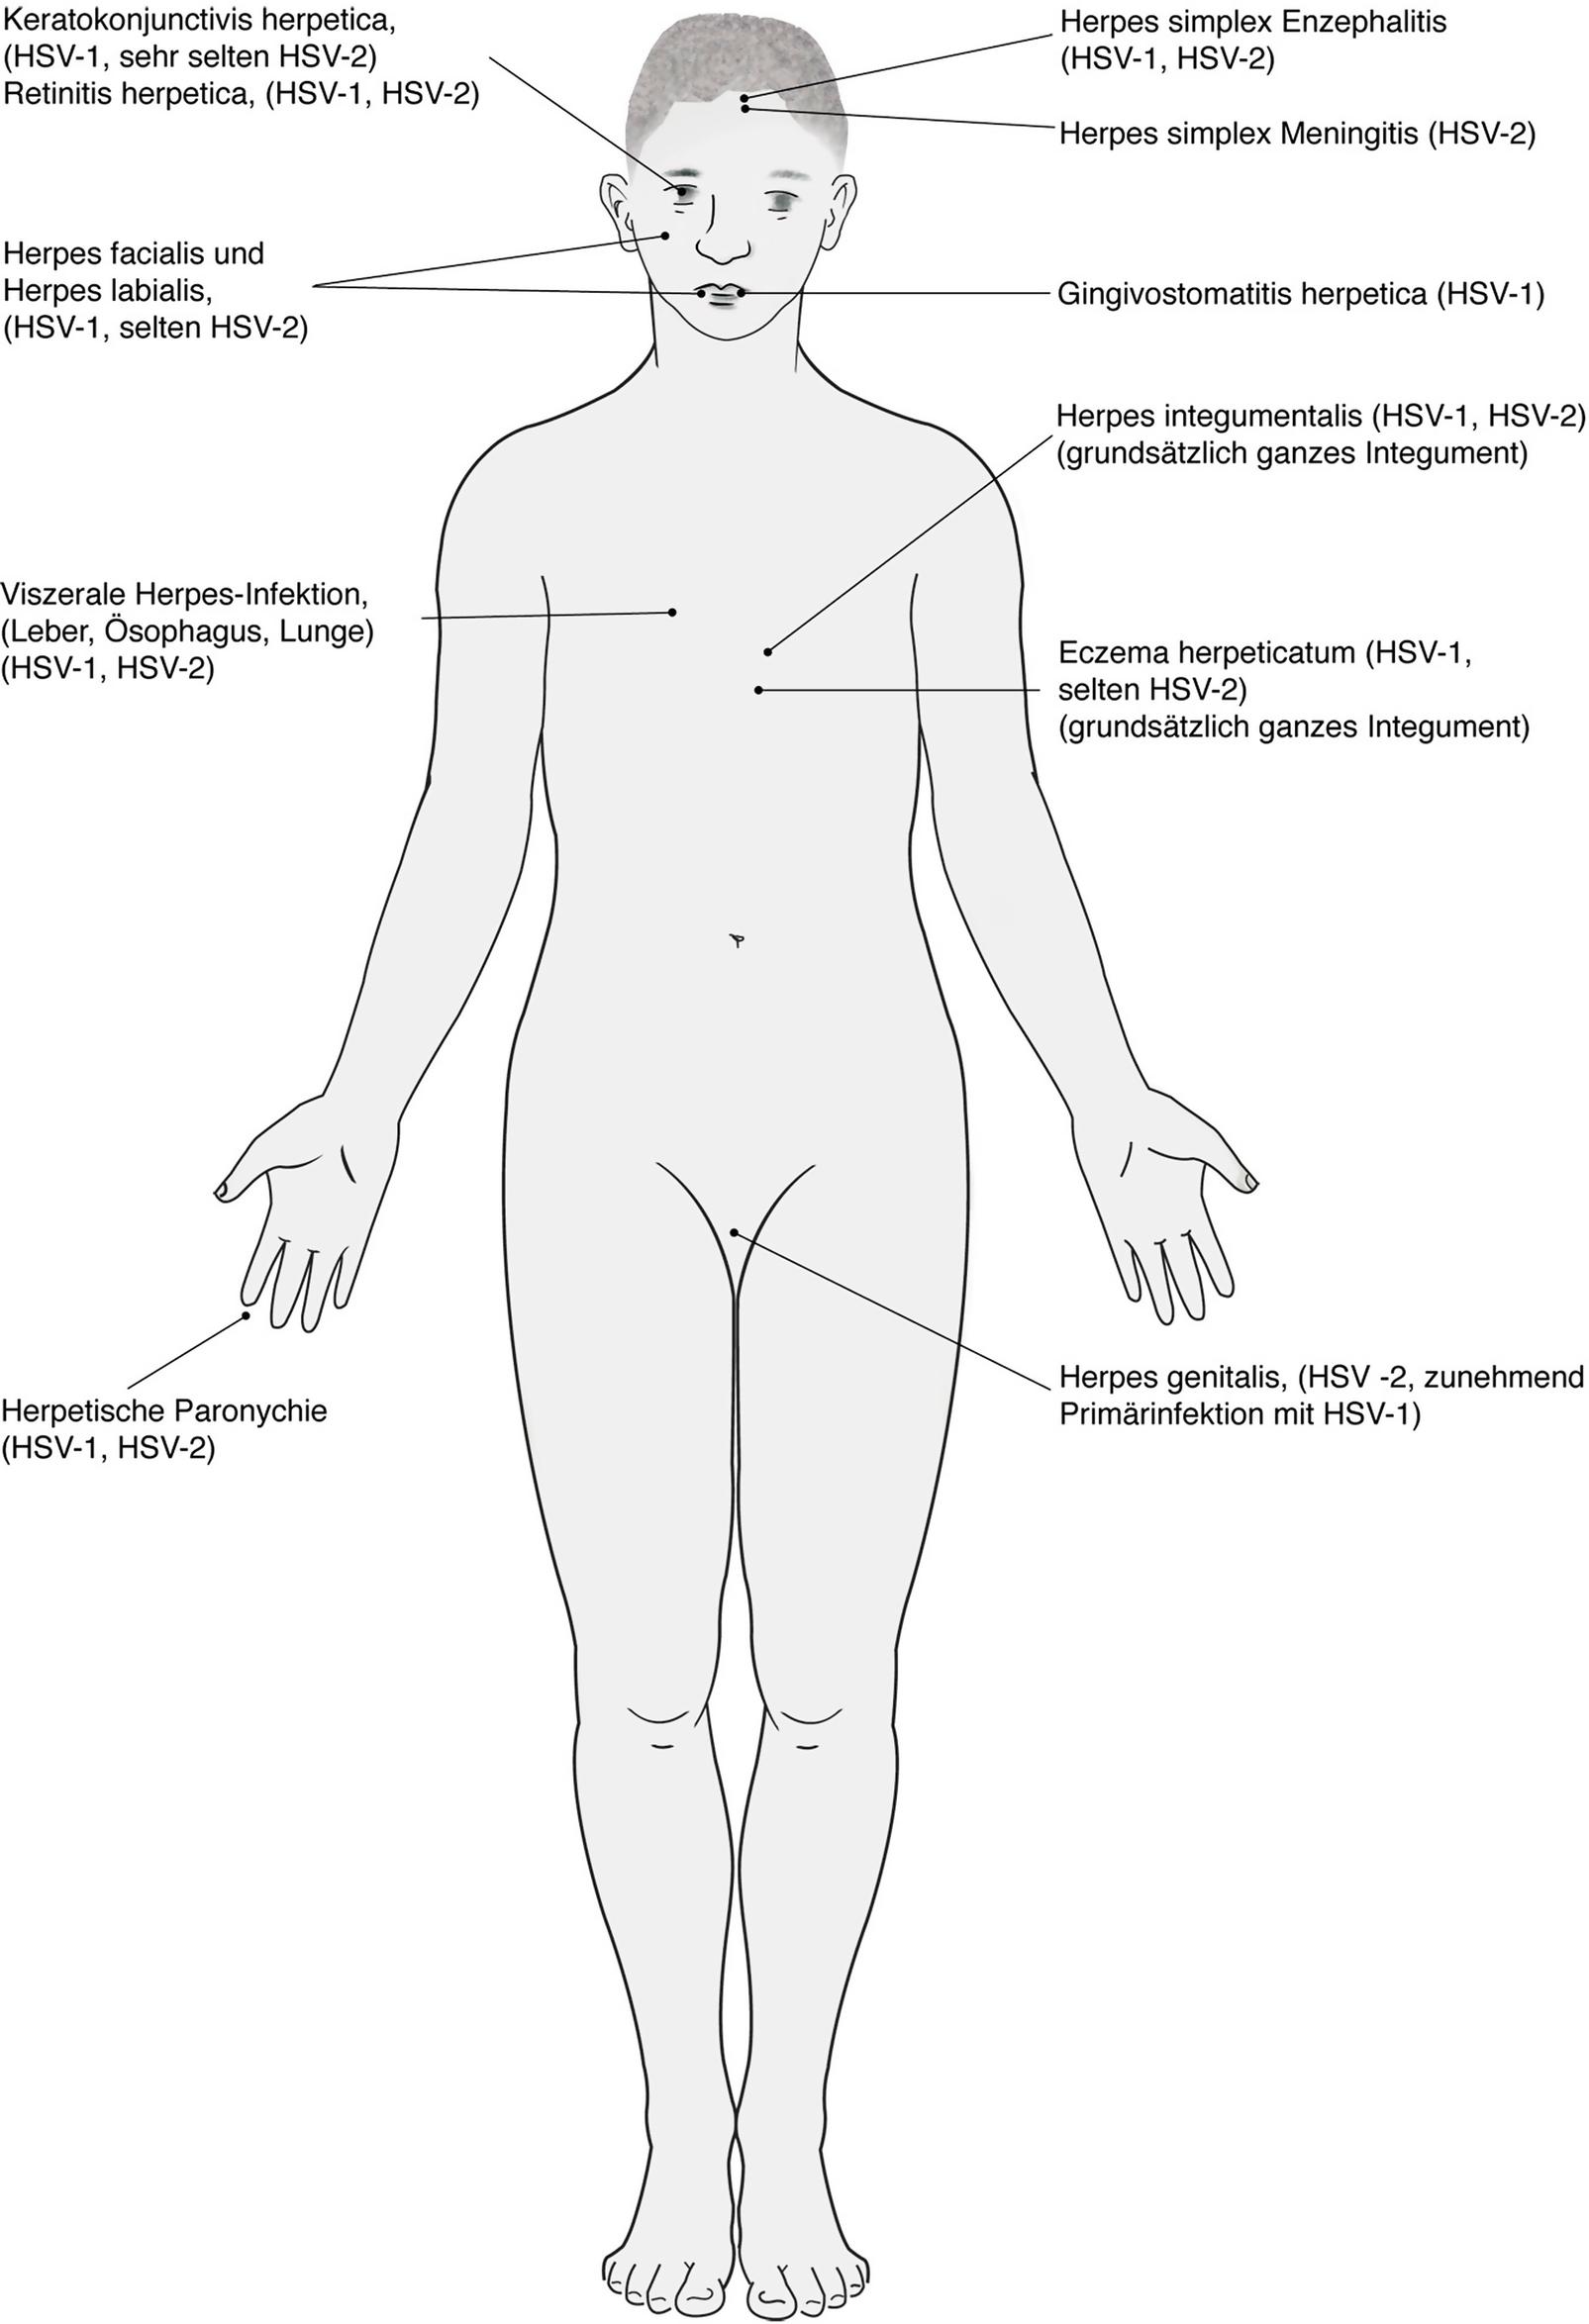 Schön Hirnhemisphäre Anatomie Bilder - Anatomie Ideen - finotti.info